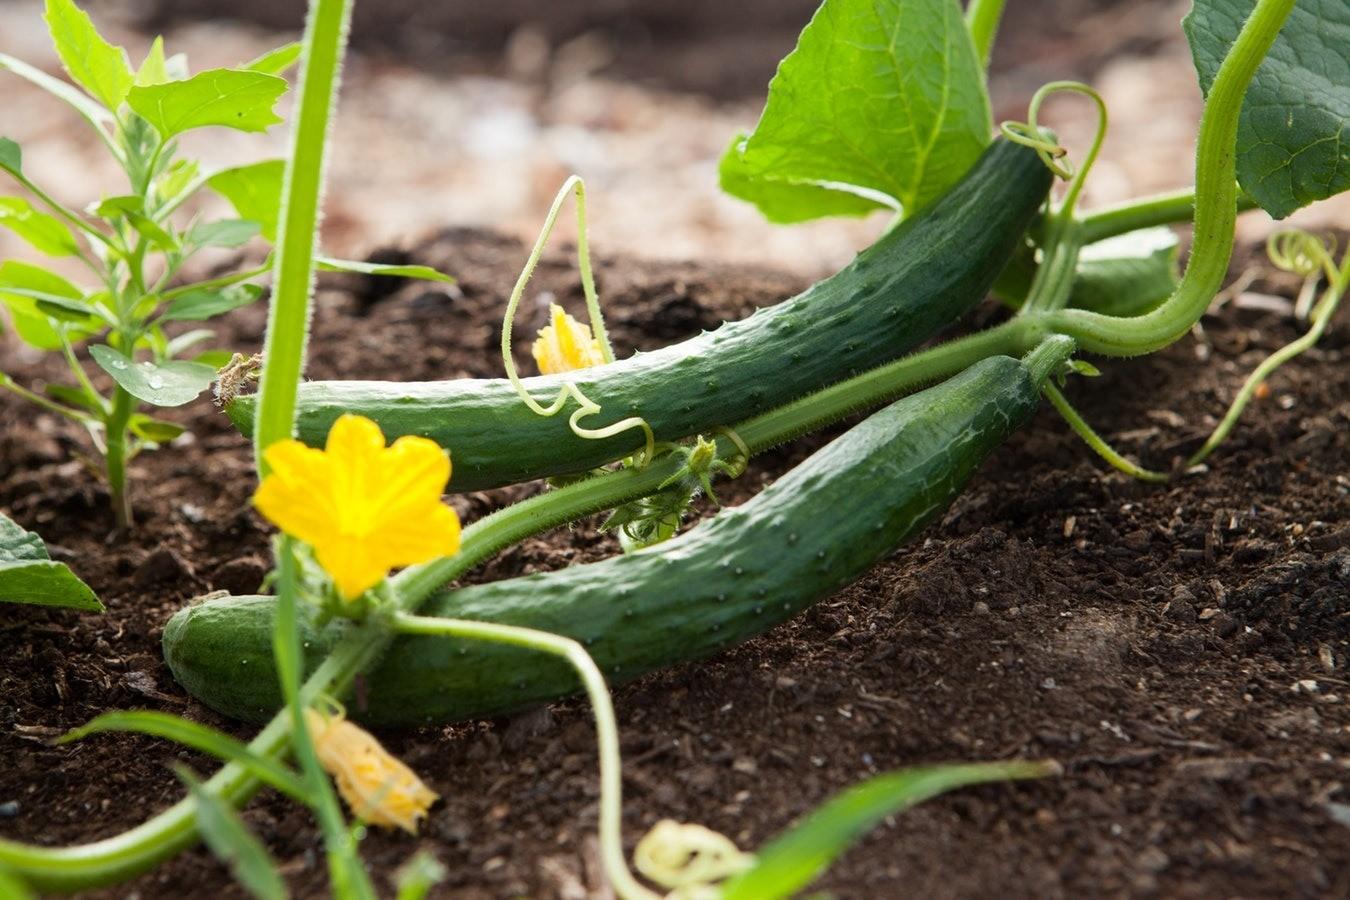 Выращивание огурцов на подоконнике зимой: как такое возможно?